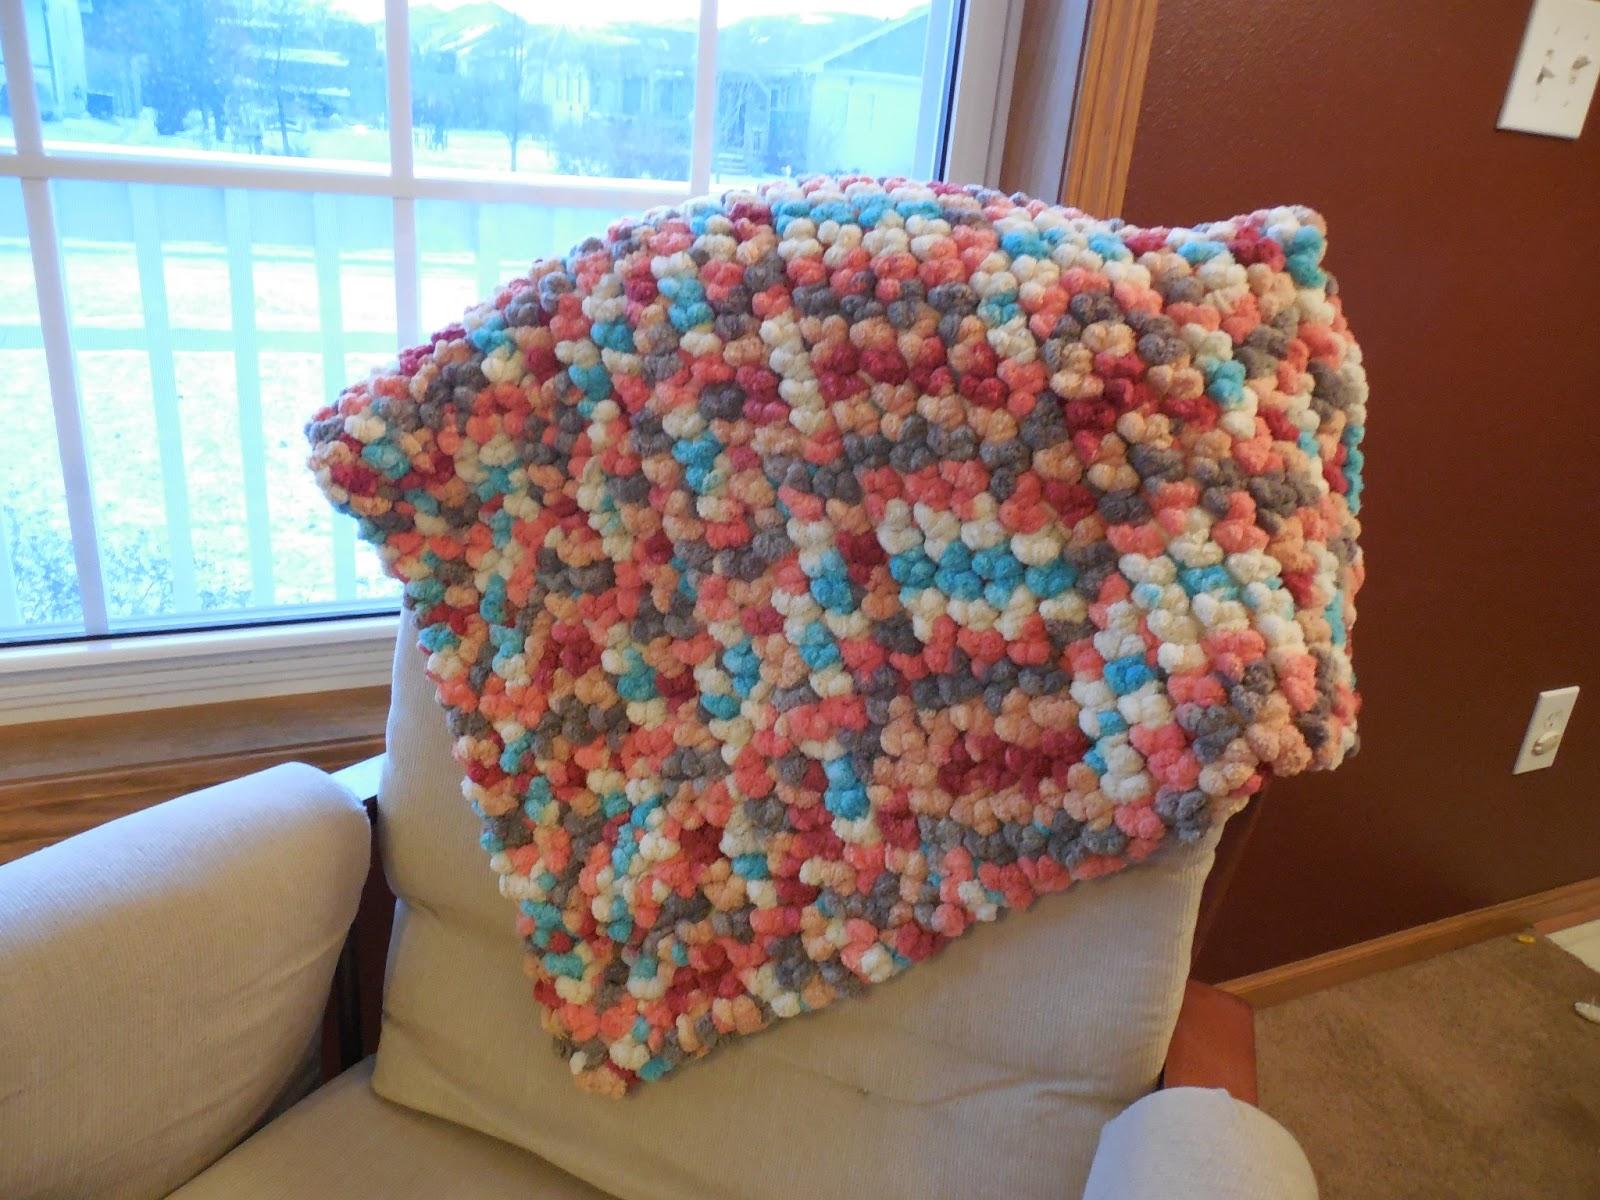 Hooked On Handmade Pom Pom Blanket